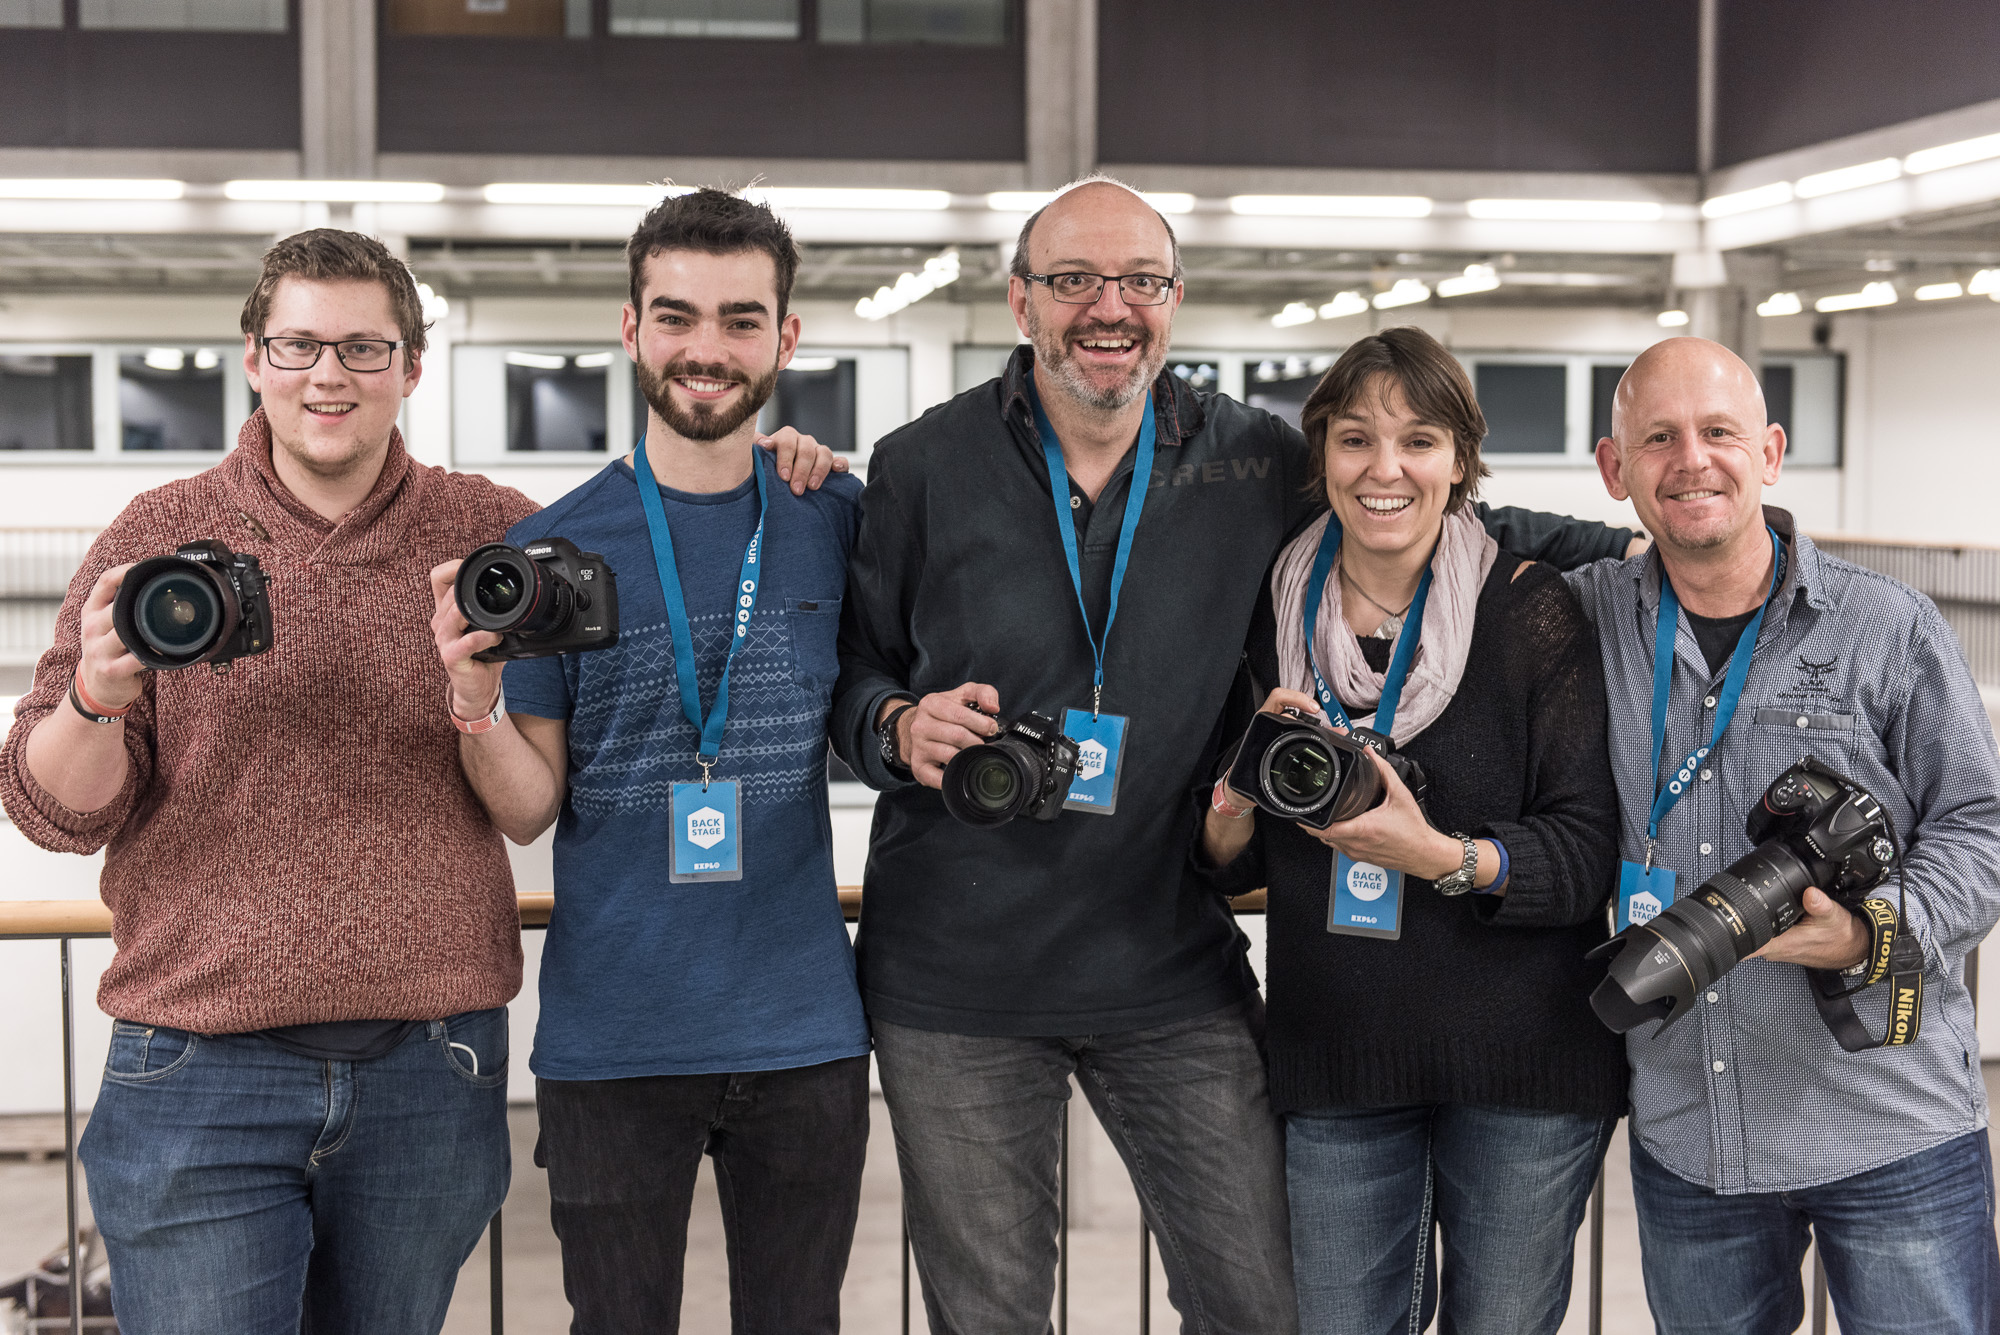 Nikon D 810, AF-S Nikkor 2.8/24–70 mm auf 50  mm, 1/80  sec, f 3.5  , 360  0 ISO, Sättigungsrücknahme in Lightroom (Foto: Hansjörg Forster)